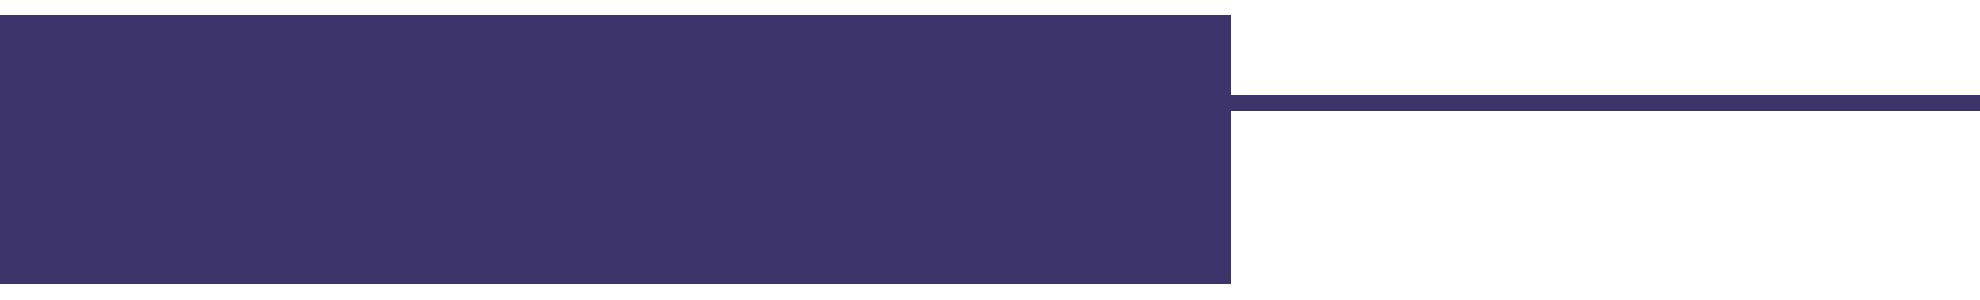 hvw-kucher-logo1100c.png